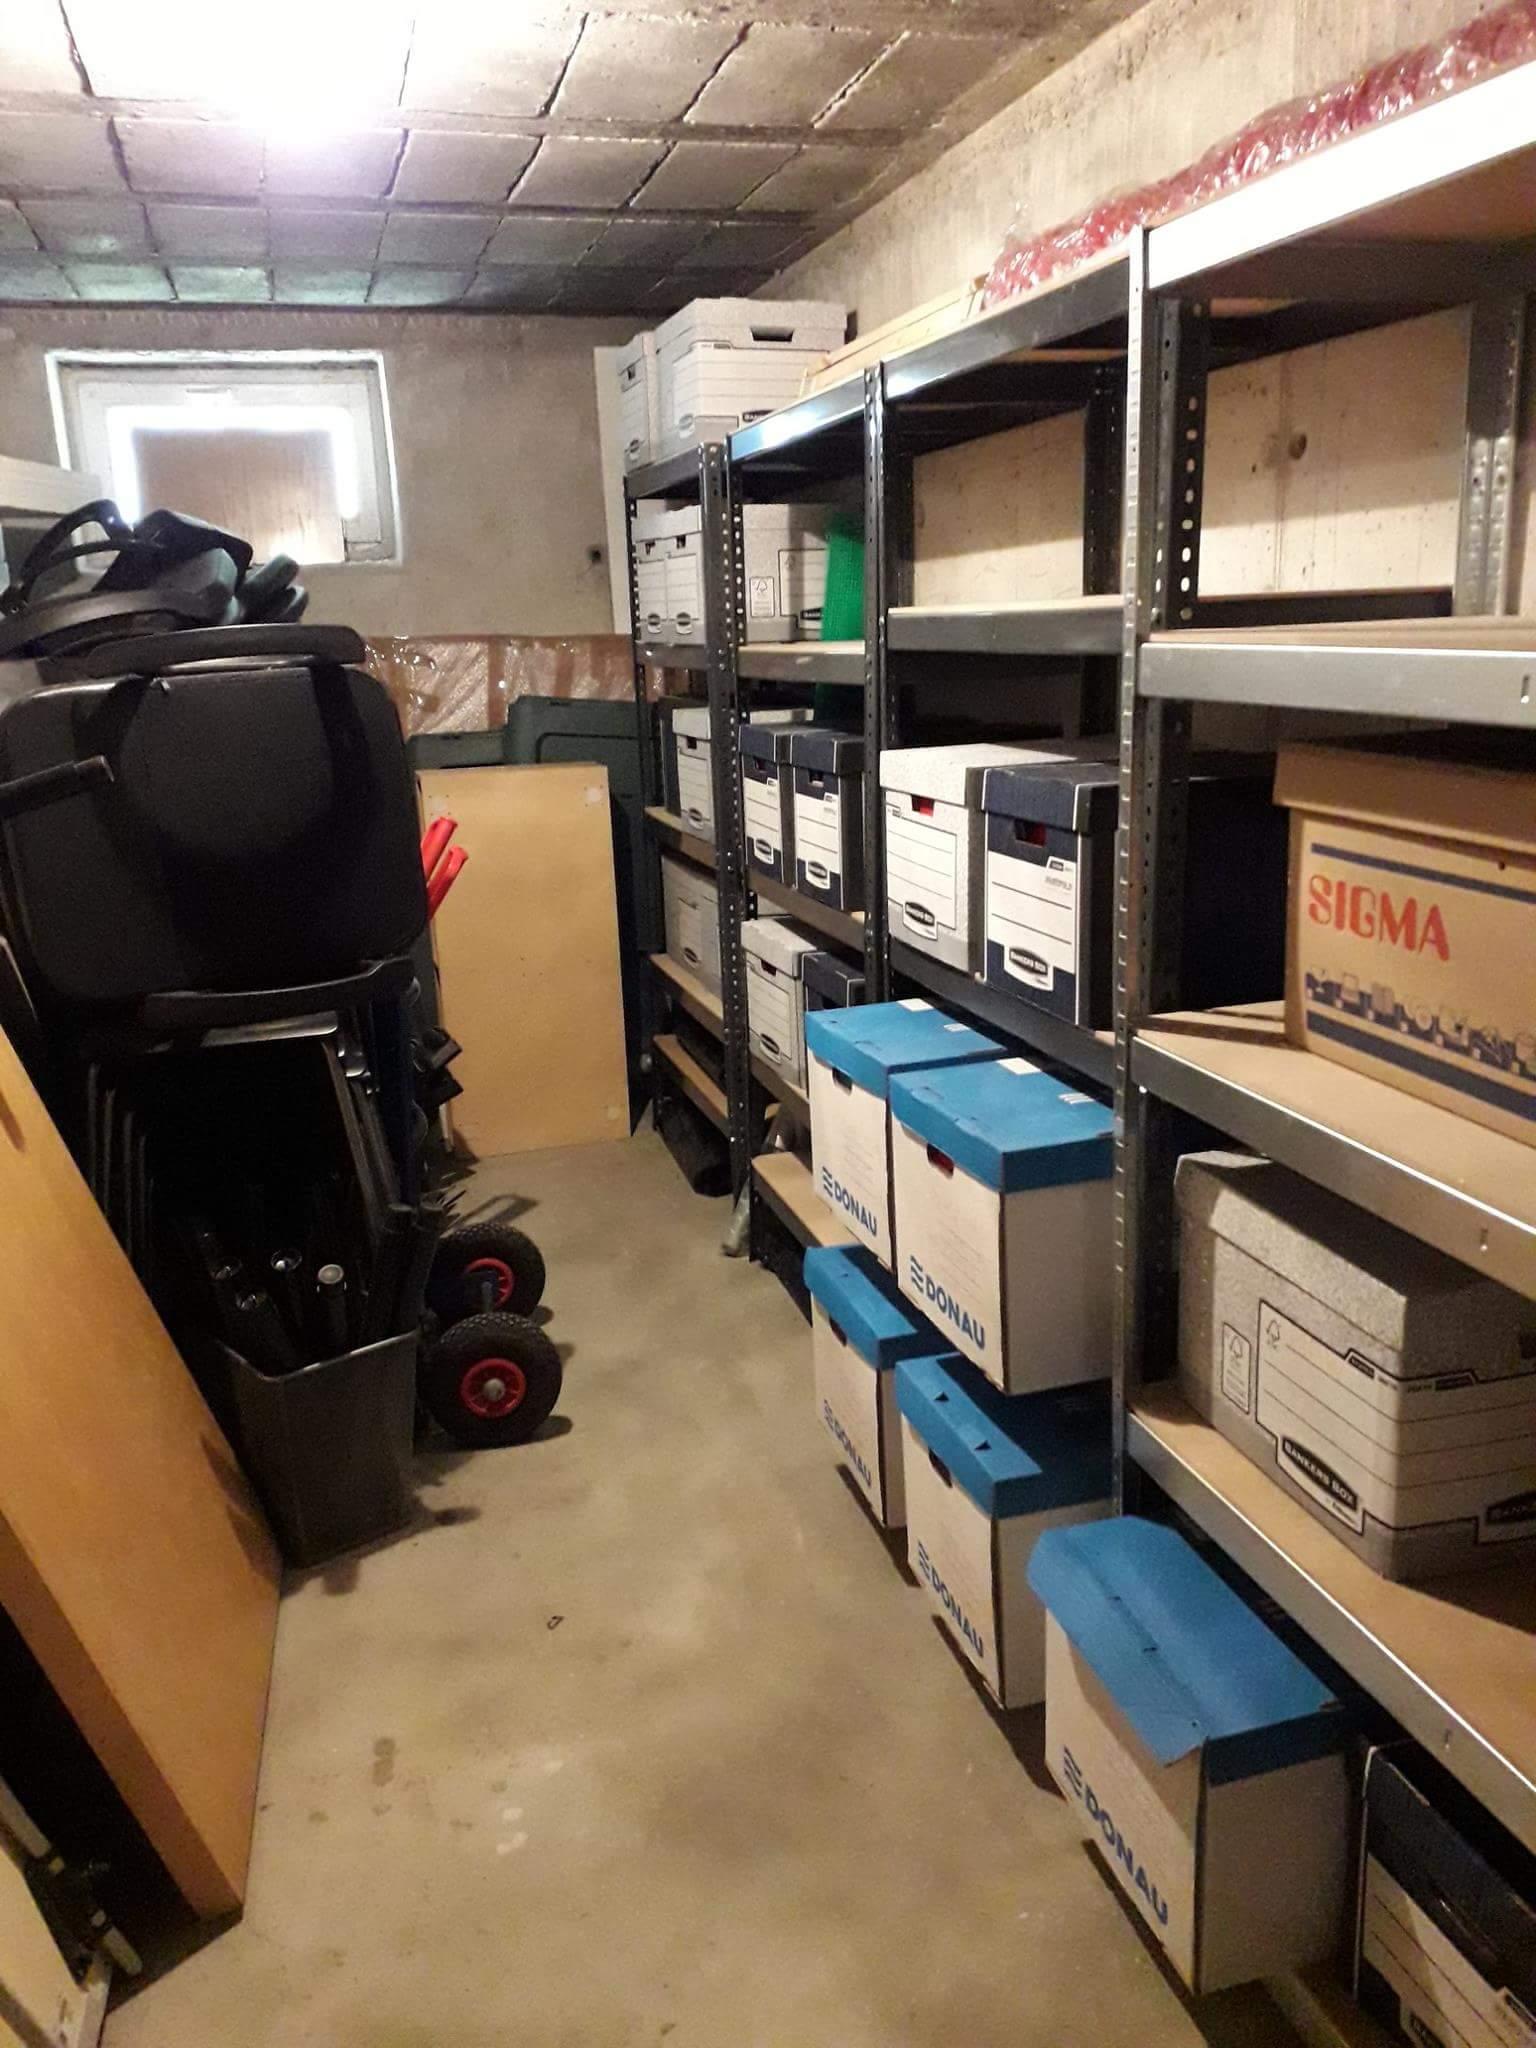 Piwnica po usłudze decluttering przygotowana do funkcjonalnego korzystania z przestrzeni i przechowywania przedmiotów w mieście Warszawa w dzielnicy Włochy. Porządki wykonane przez Domowe Metamorfozy Maria Ernst-Zduniak